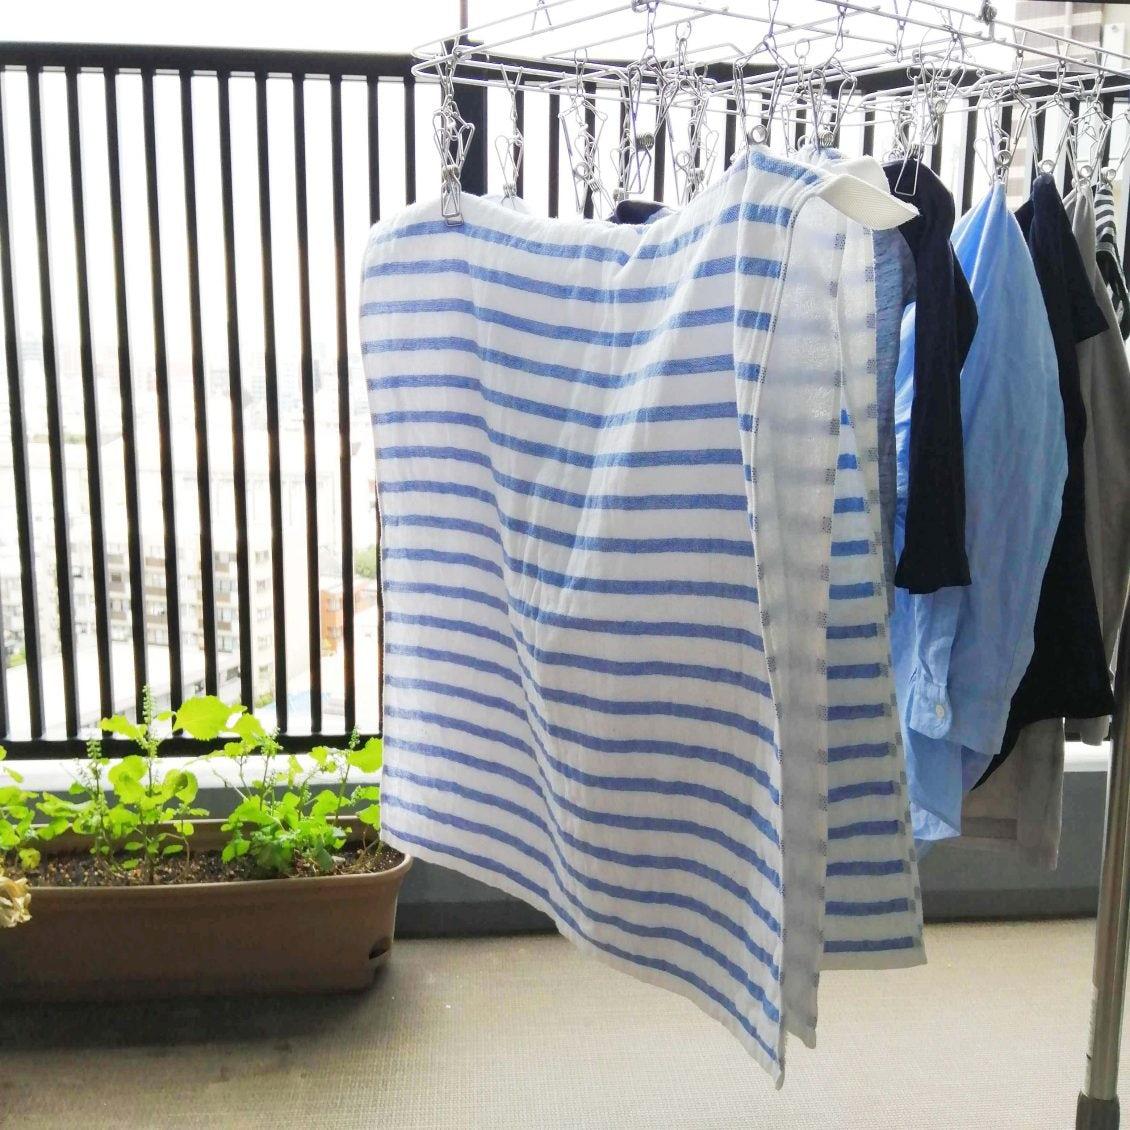 【スタッフの愛用品】コンパクトさが、我が家にぴったり!クラスカのバスタオル